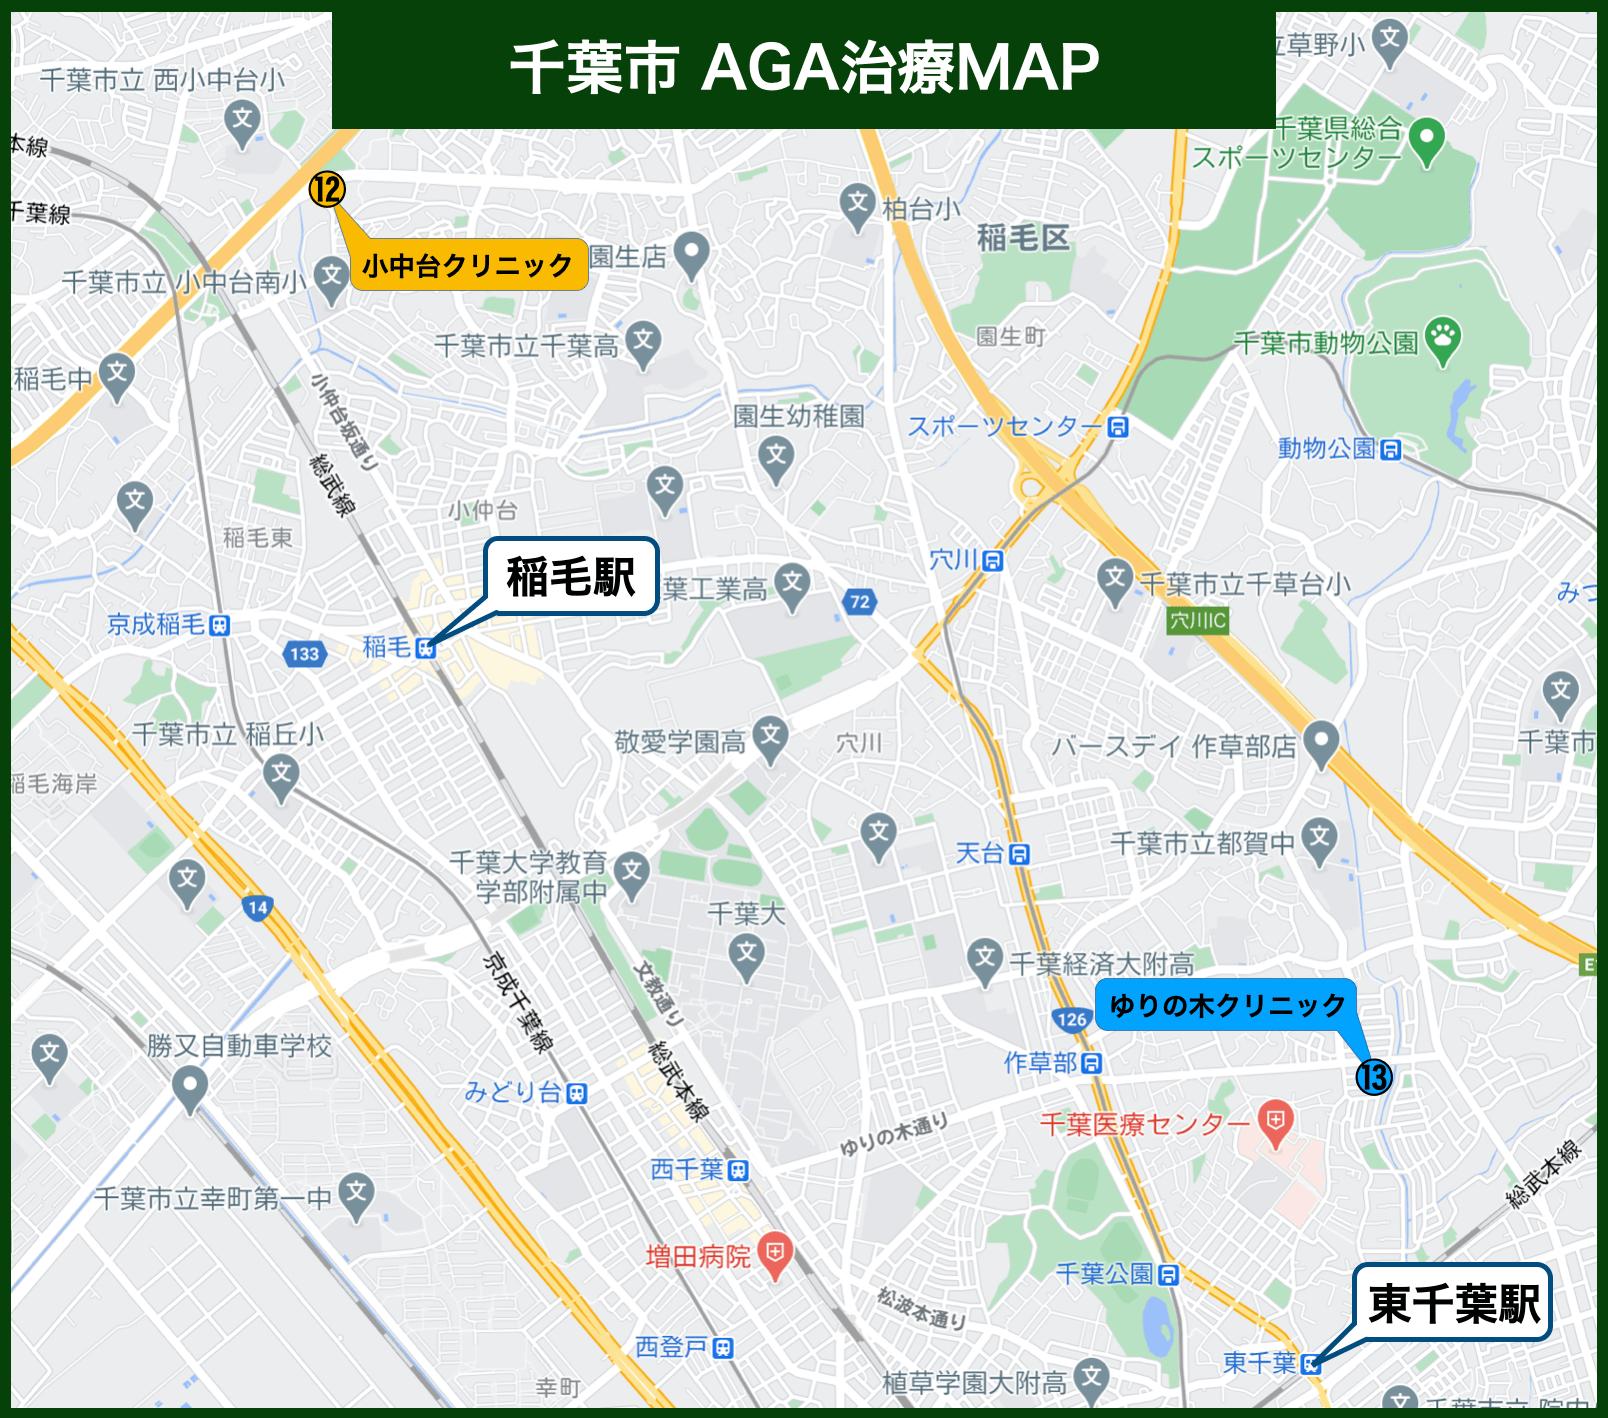 千葉市 AGA治療MAP